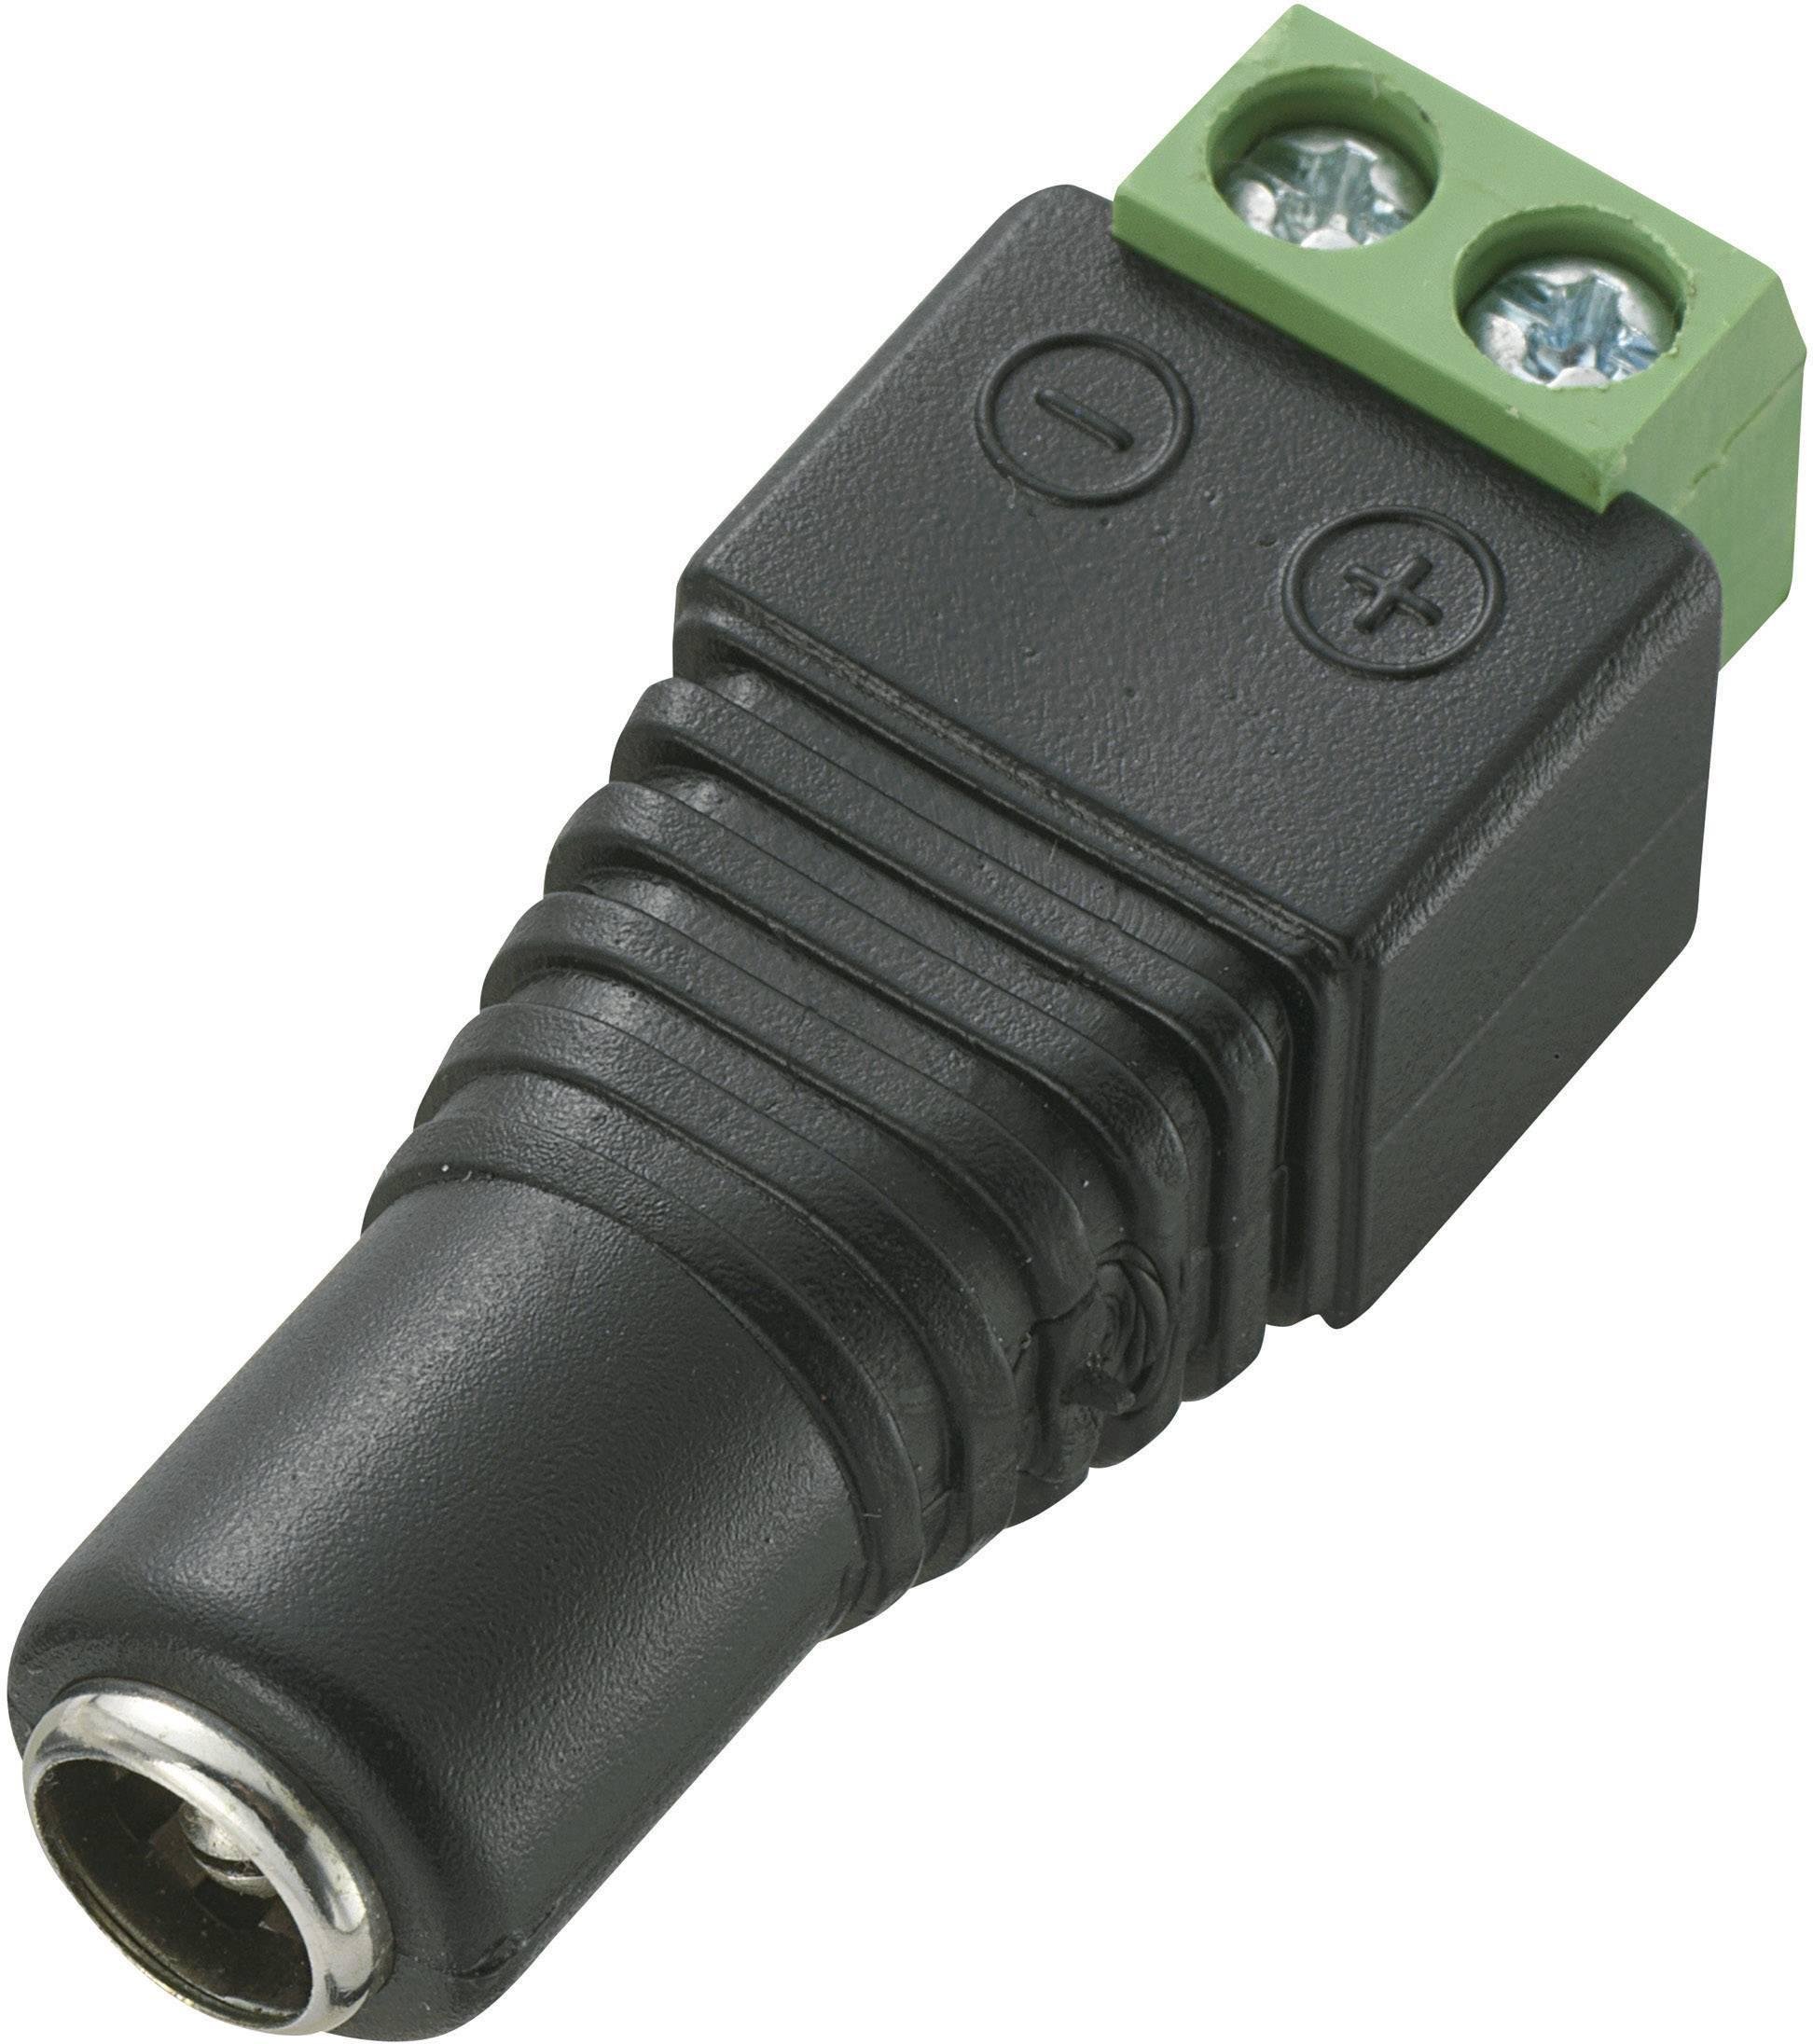 Nízkonapěťový konektor TRU COMPONENTS 735862, 12 V/DC, 5 A, zásuvka, rovná, DC-13F, 5.5 mm, 5.5 mm, 2.5 mm, 1 ks